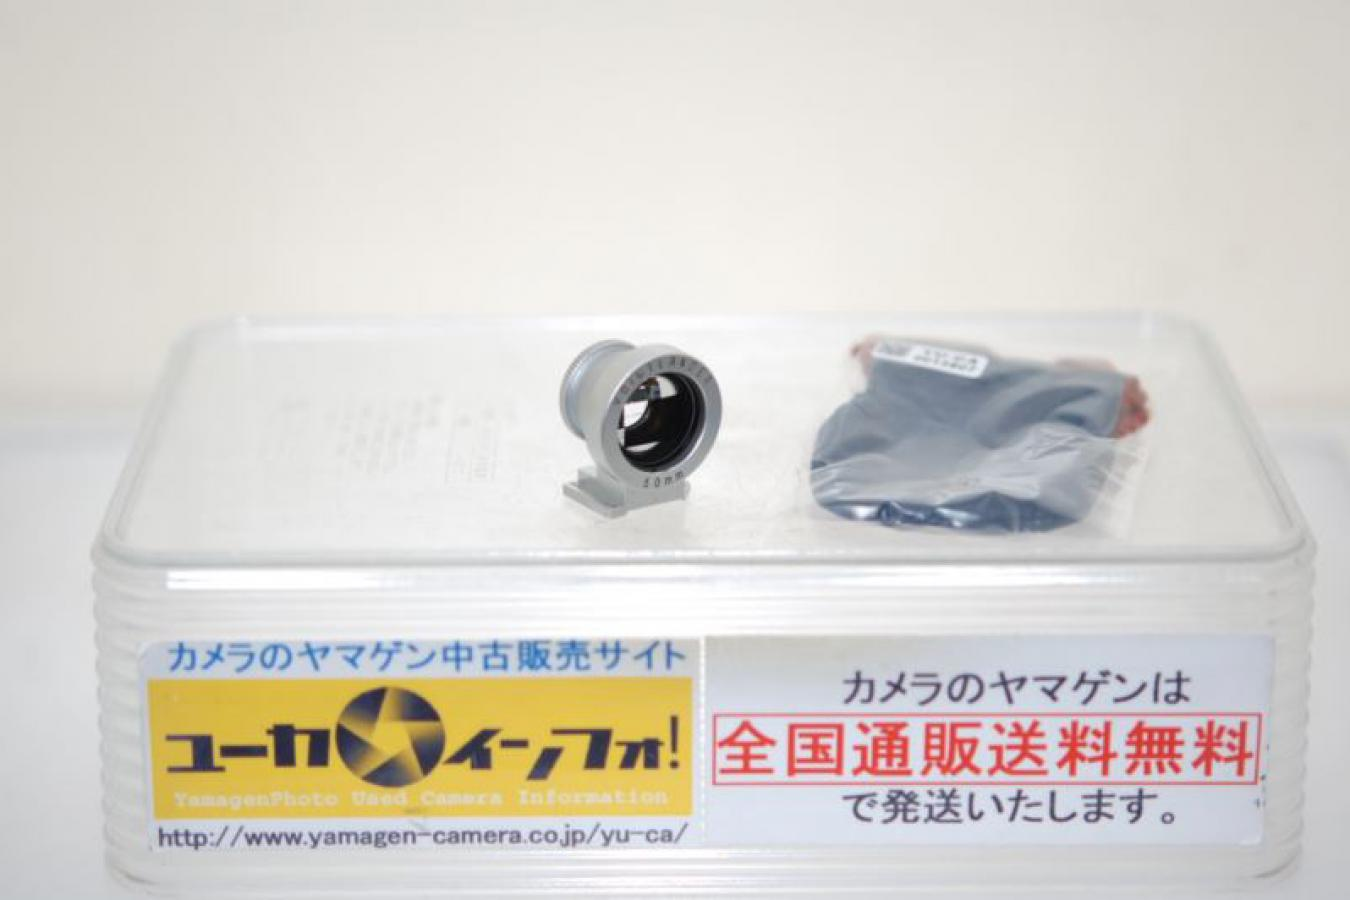 フォクトレンダー 50mm ビューファインダーM(S) 【純正ケース付】